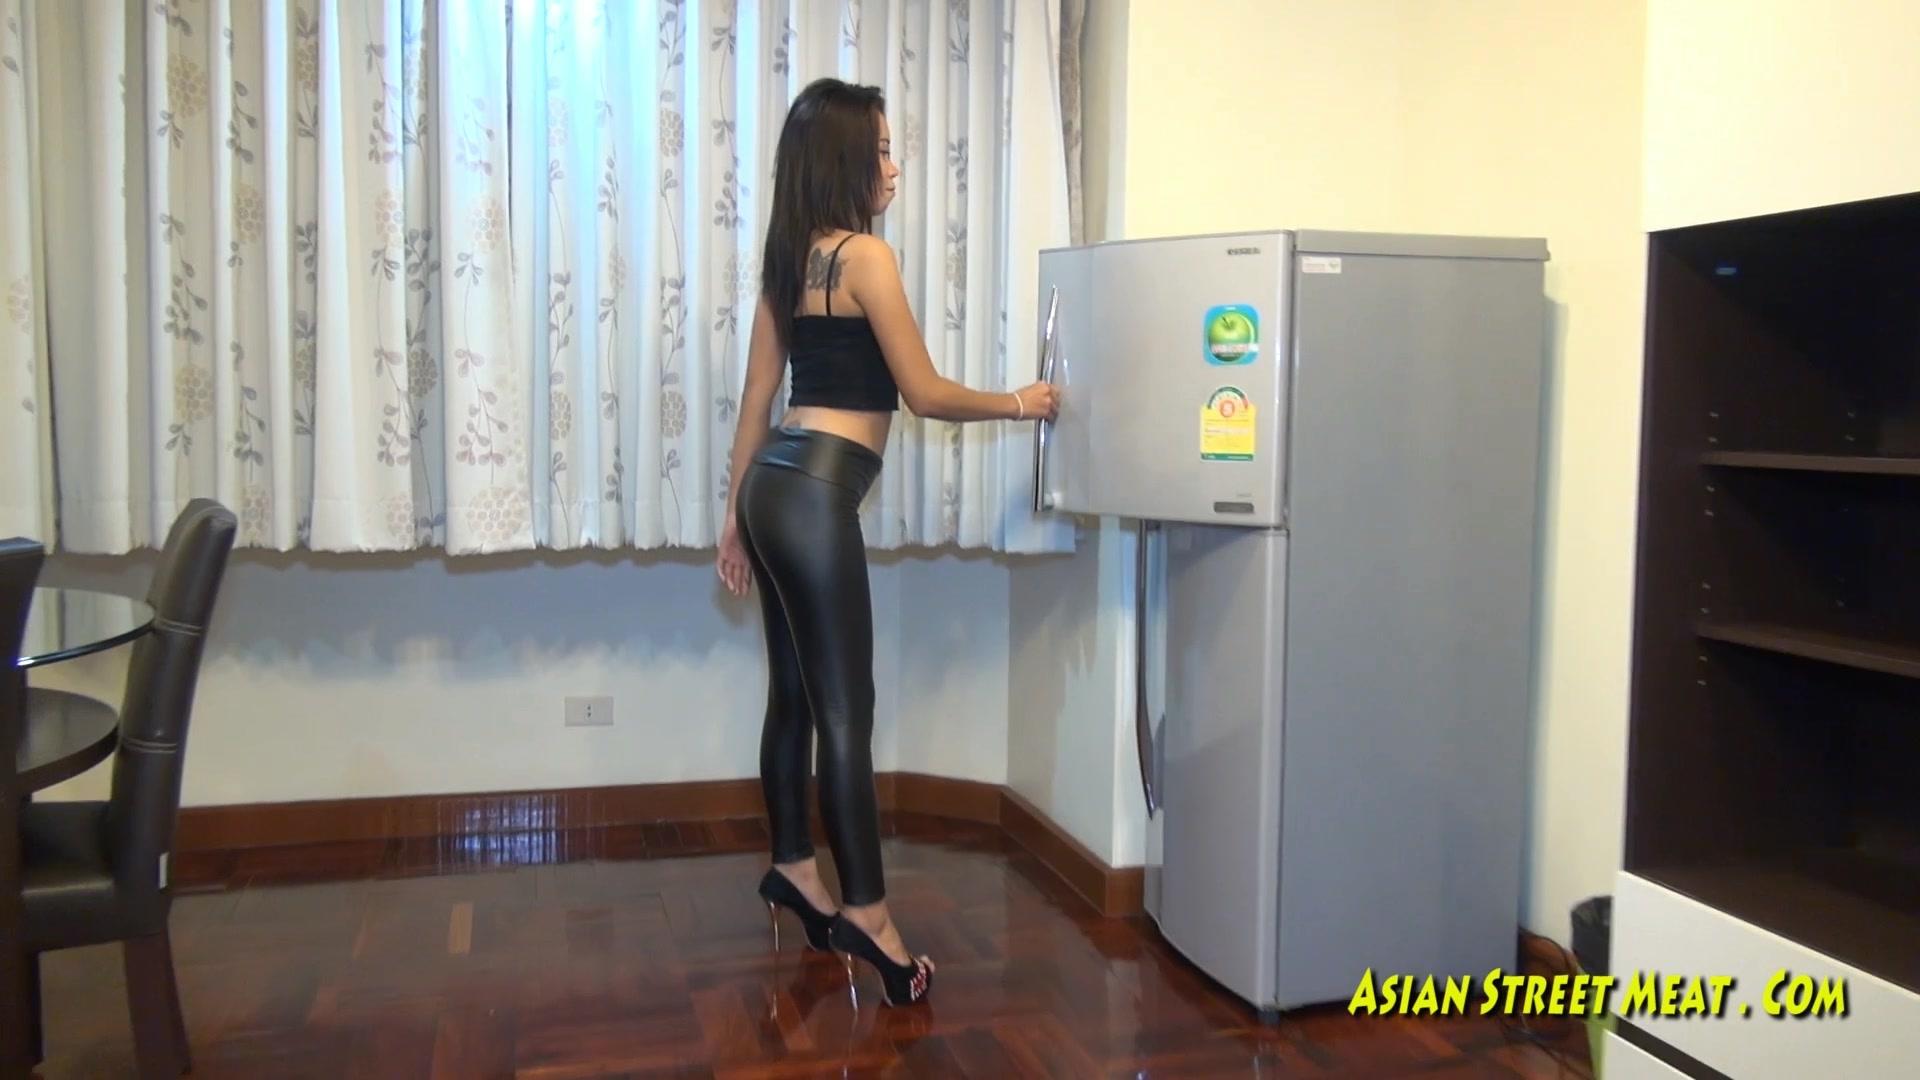 651110667_Asian_Leggings_1080p.mp4_20160831_073450.906_123_39lo.jpg